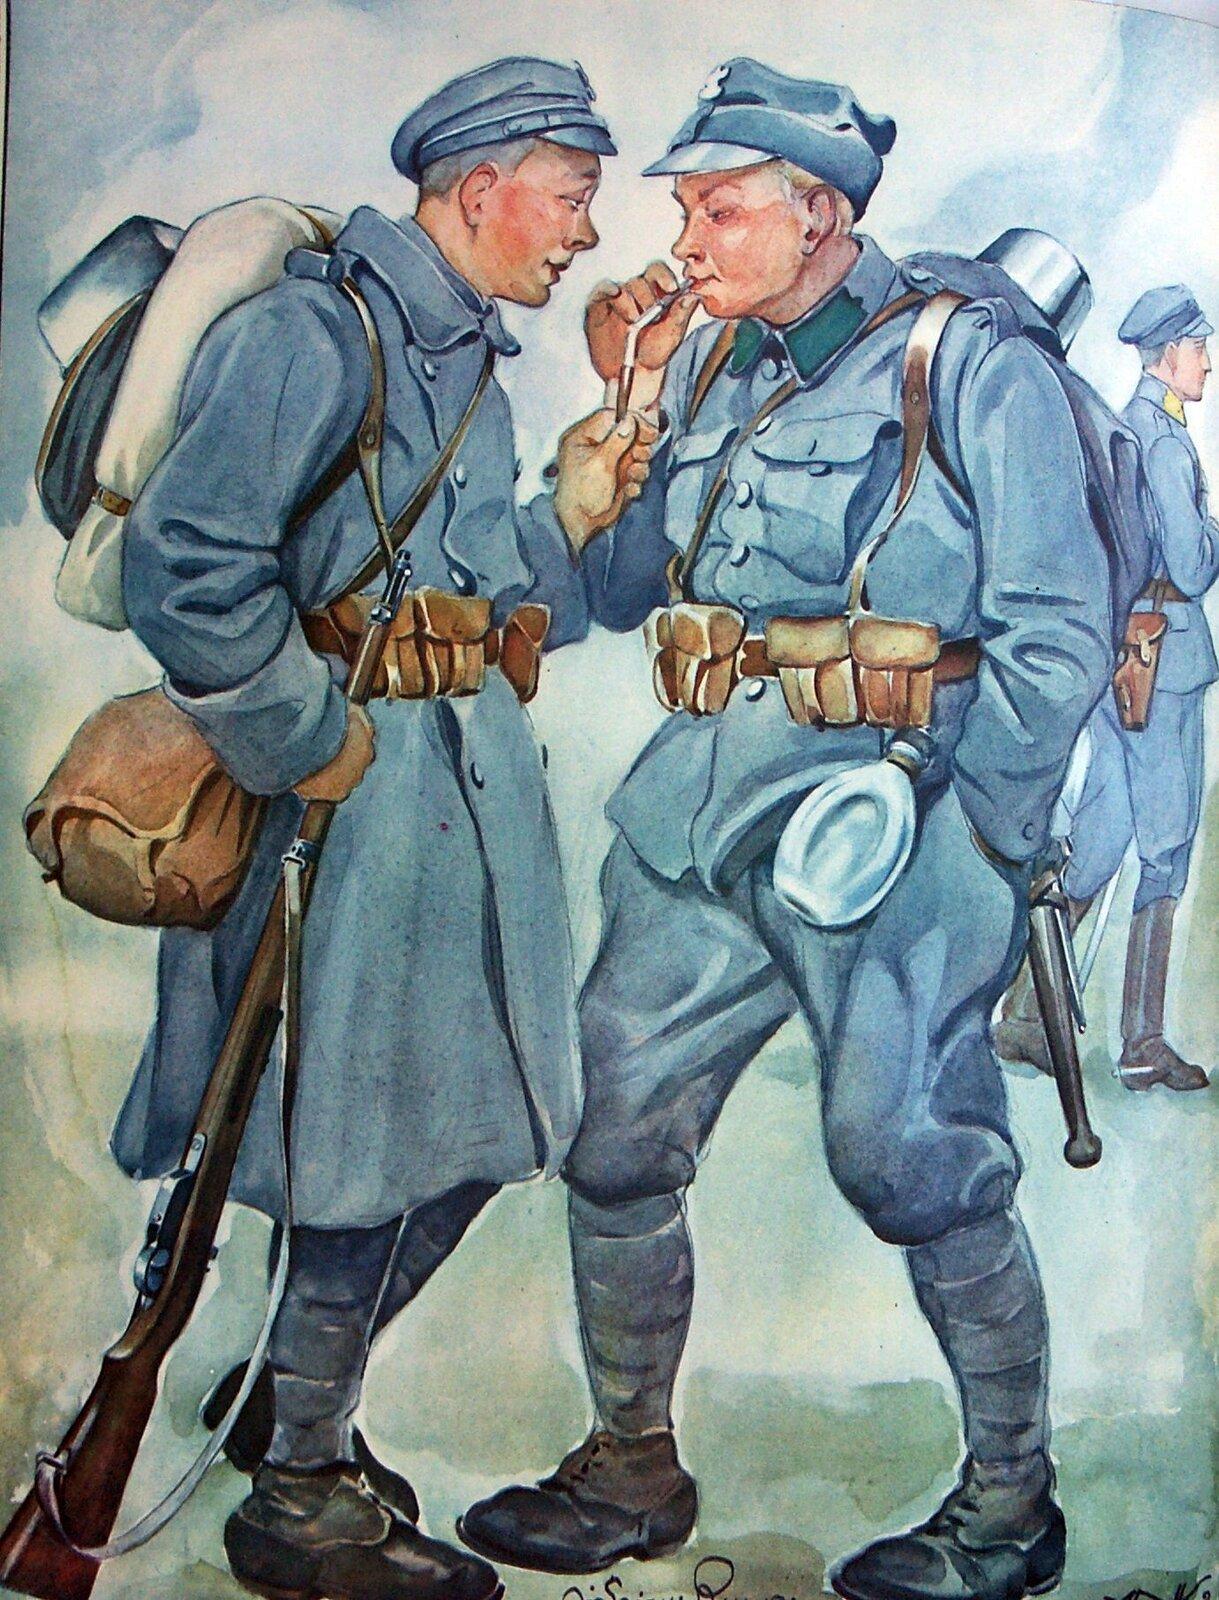 Legioniści 1914-1917 Od lewej: piechur IBrygady, piechur II Brygady, oficer żandarmerii. Źródło: Andrzej Nałęcz-Korzeniowski, Józef Ryszkiewicz, Legioniści 1914-1917, 1929, akwarela, domena publiczna.